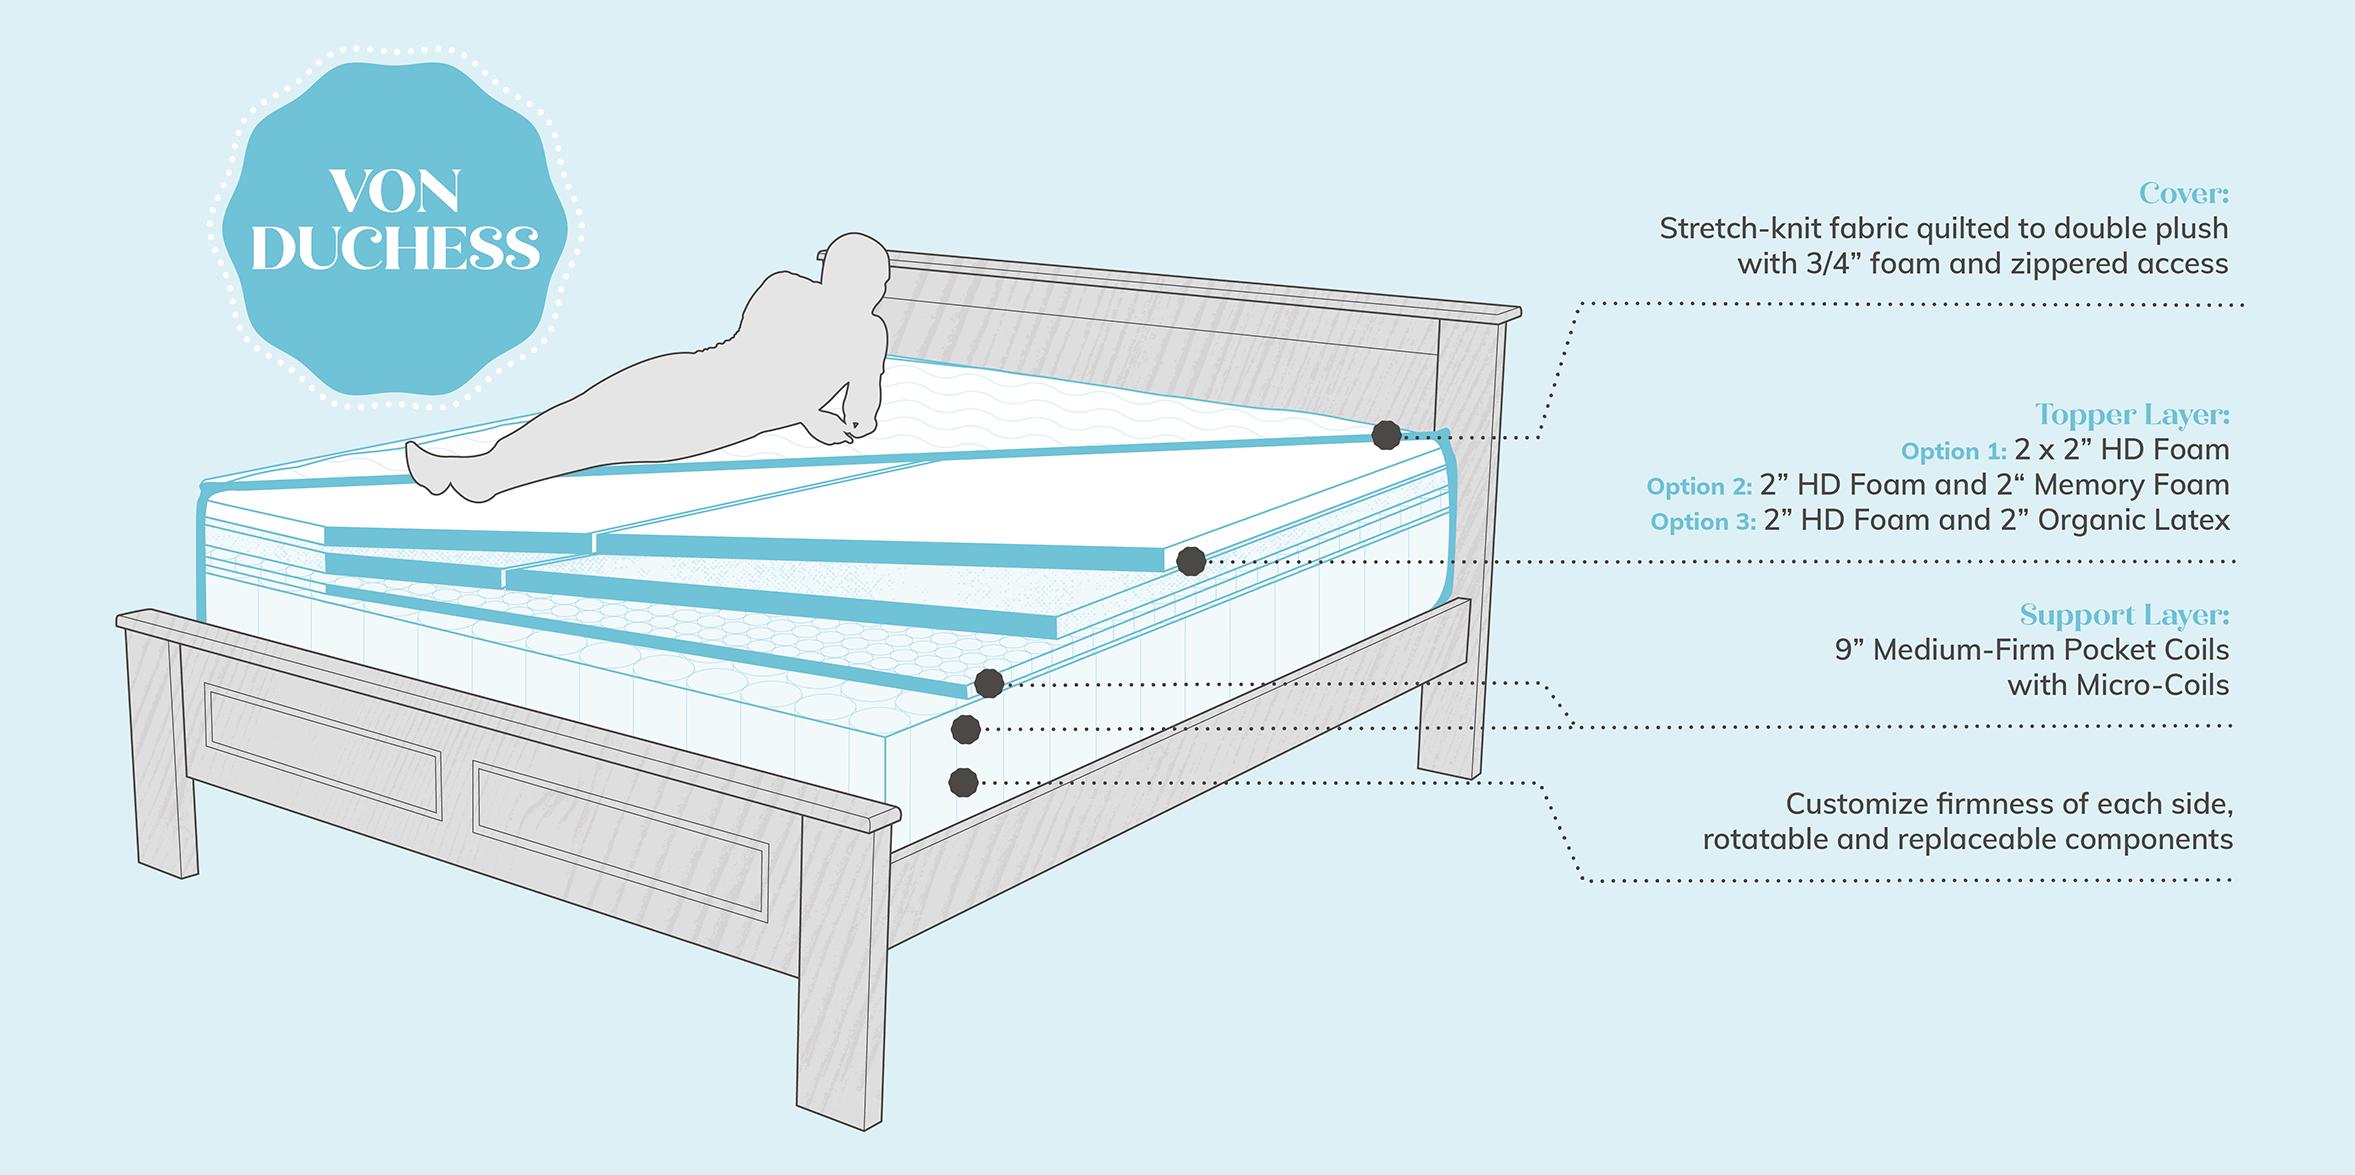 Pocket Coil Mattress Diagram - Von Duchess